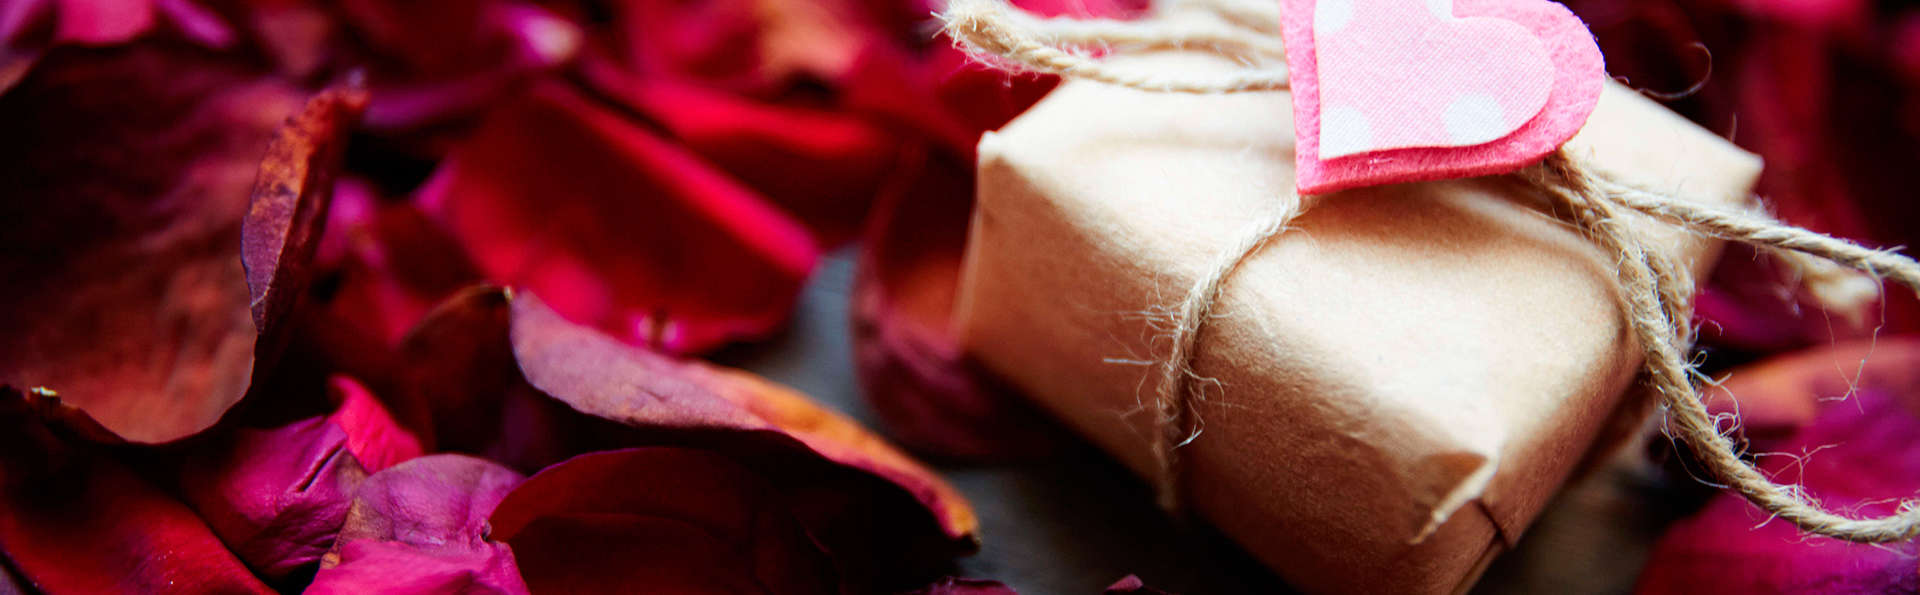 Séjour romantique dans un hôtel raffiné et élégant situé à Milan